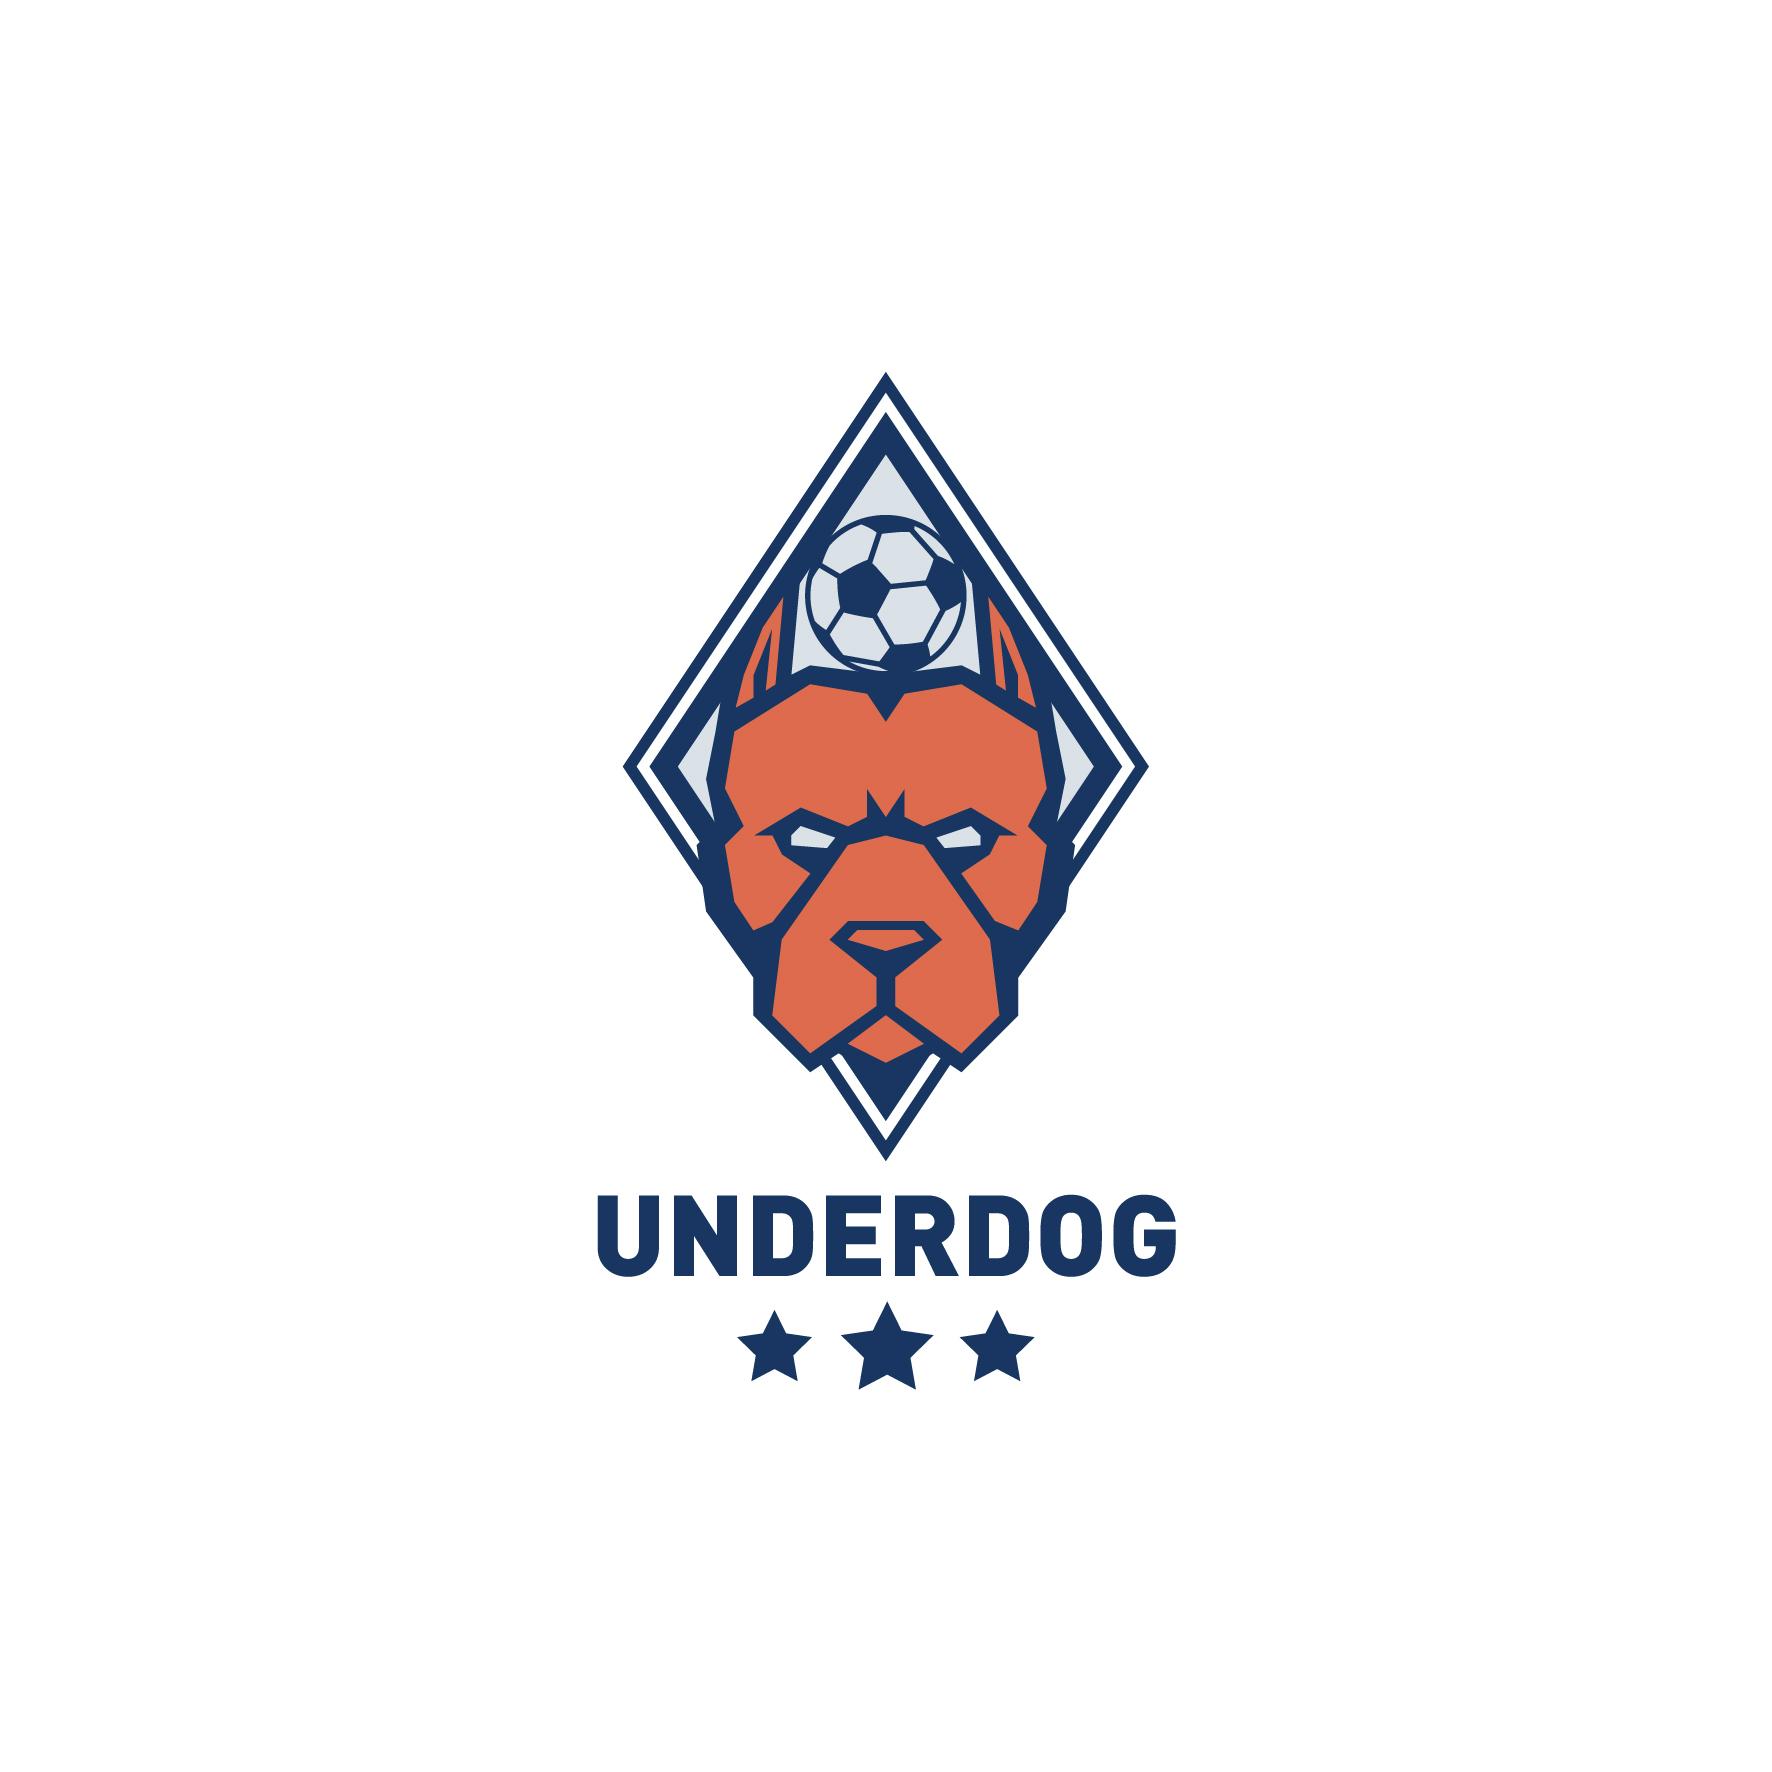 Футбольный клуб UNDERDOG - разработать фирстиль и бренд-бук фото f_3185caf5a47dd8c4.jpg